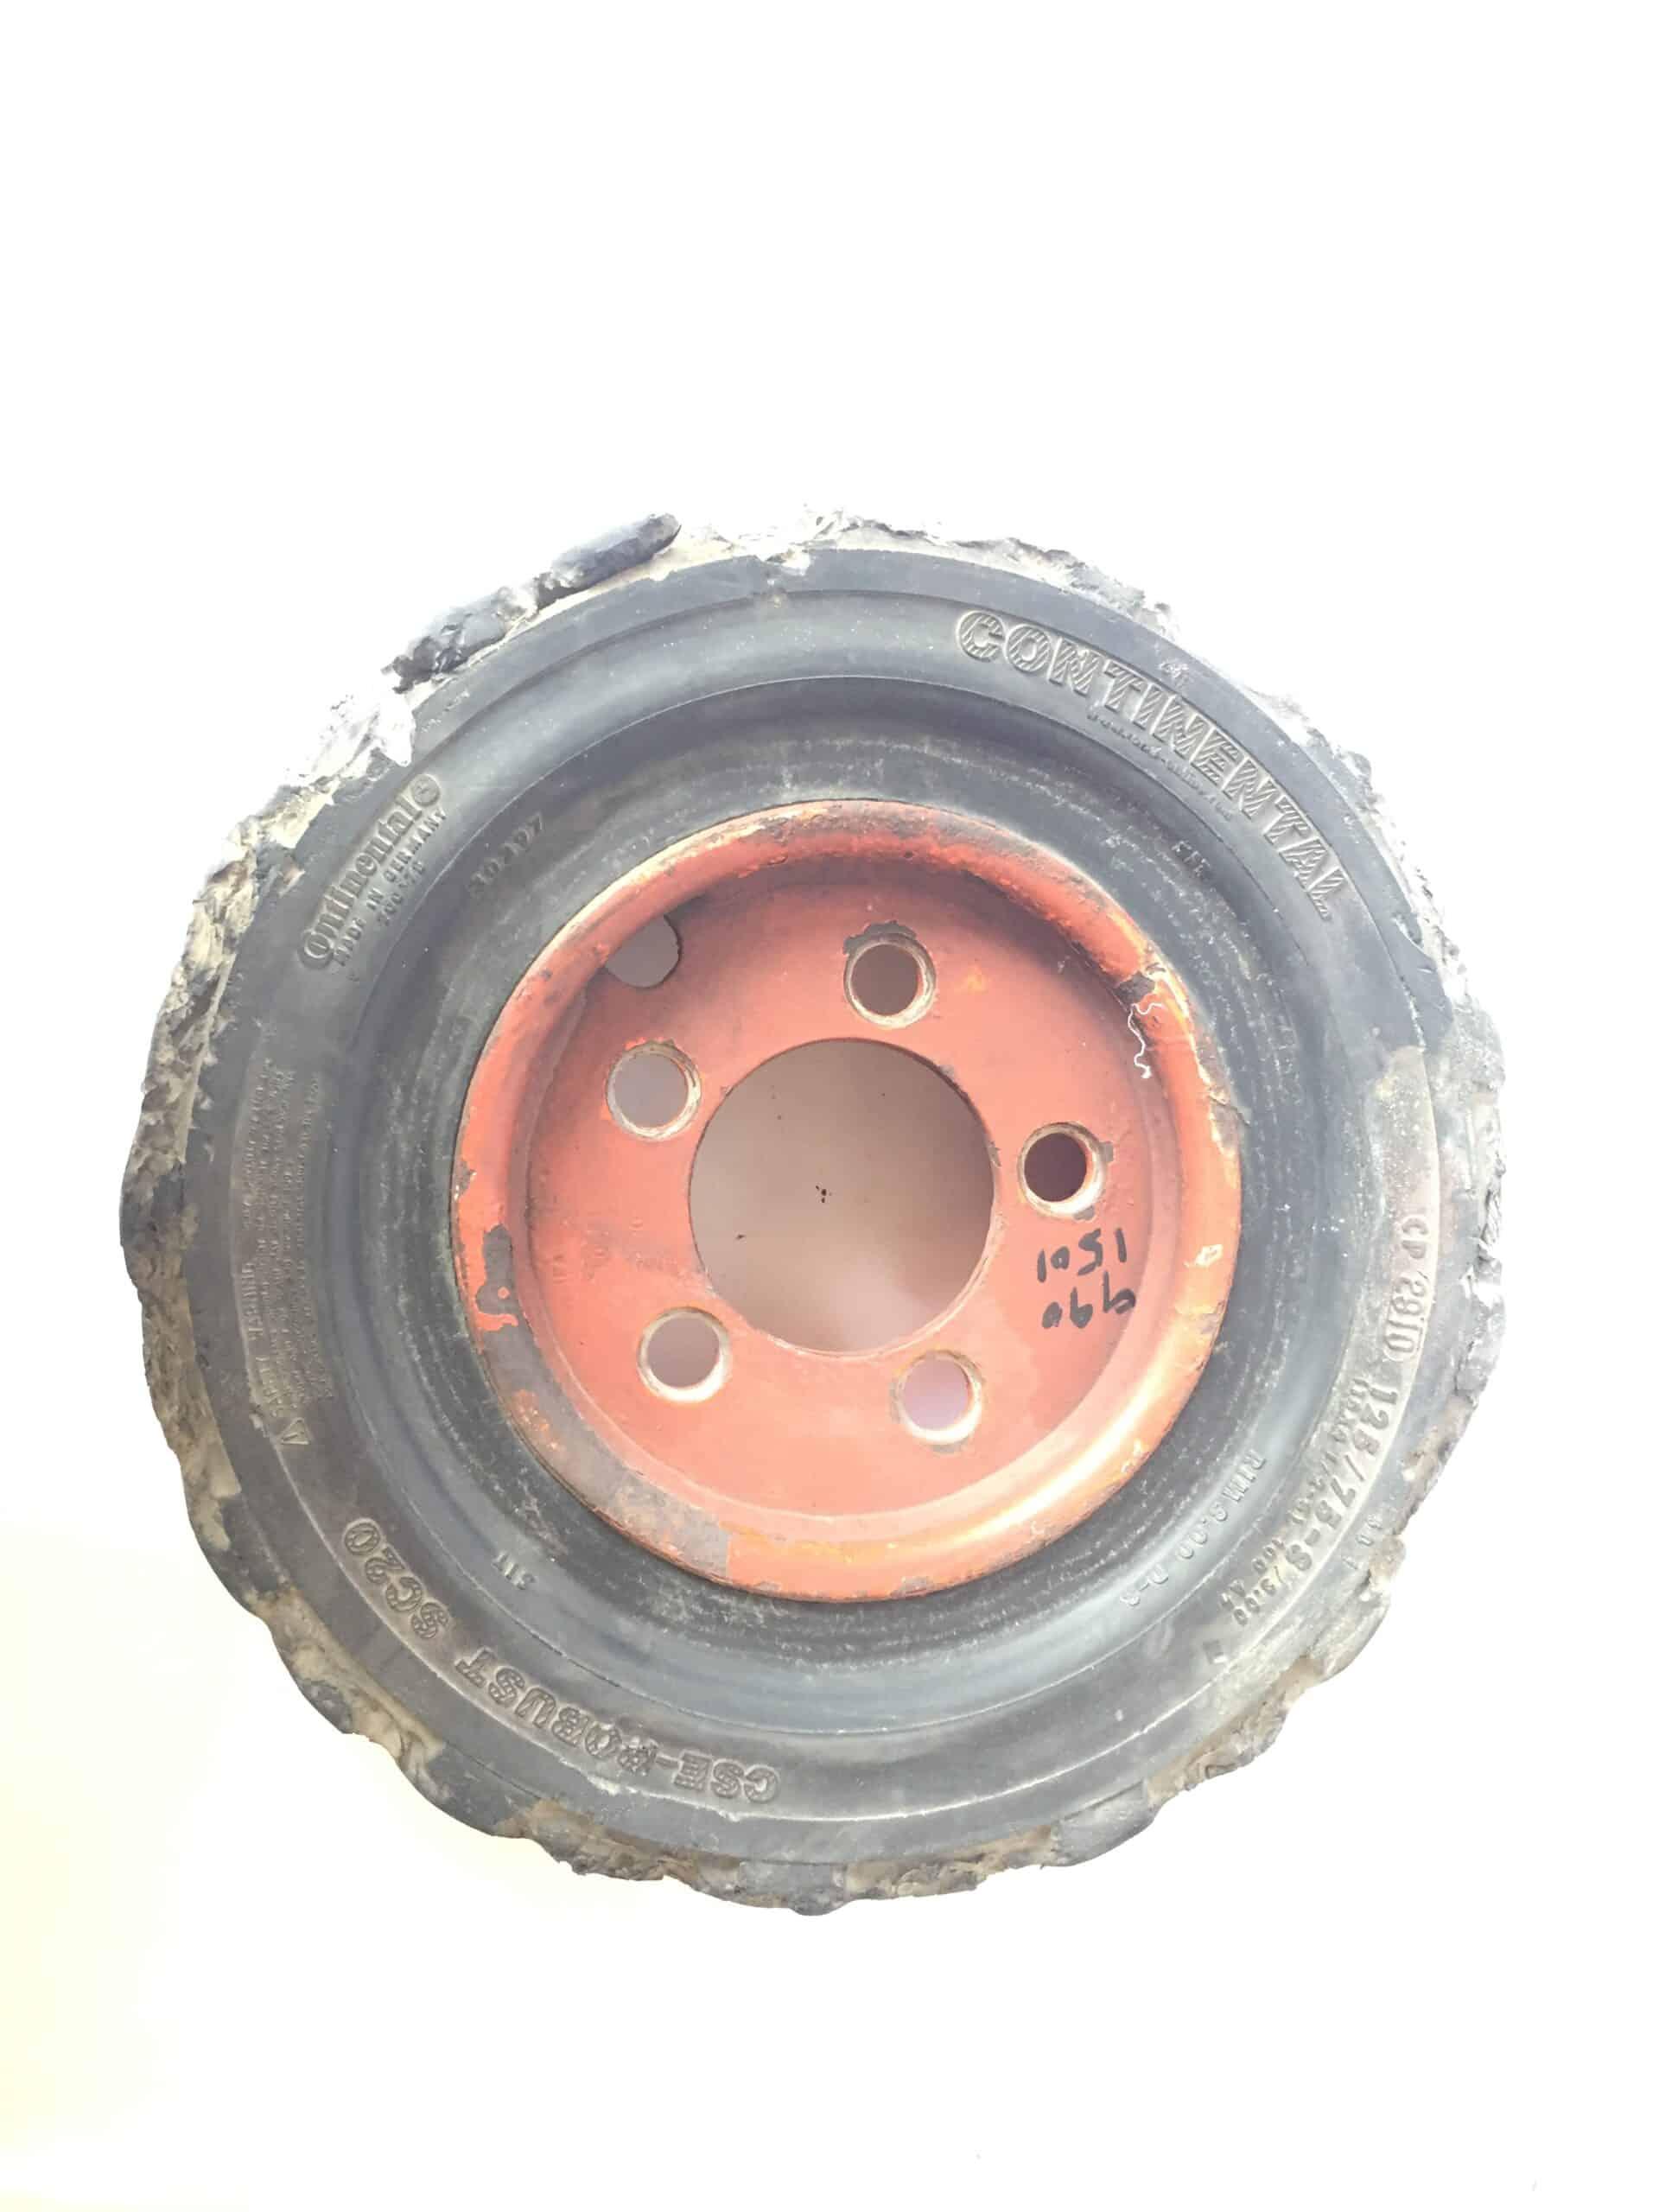   Rear Wheel   Fazl-e-Rasheed and Company August 2021